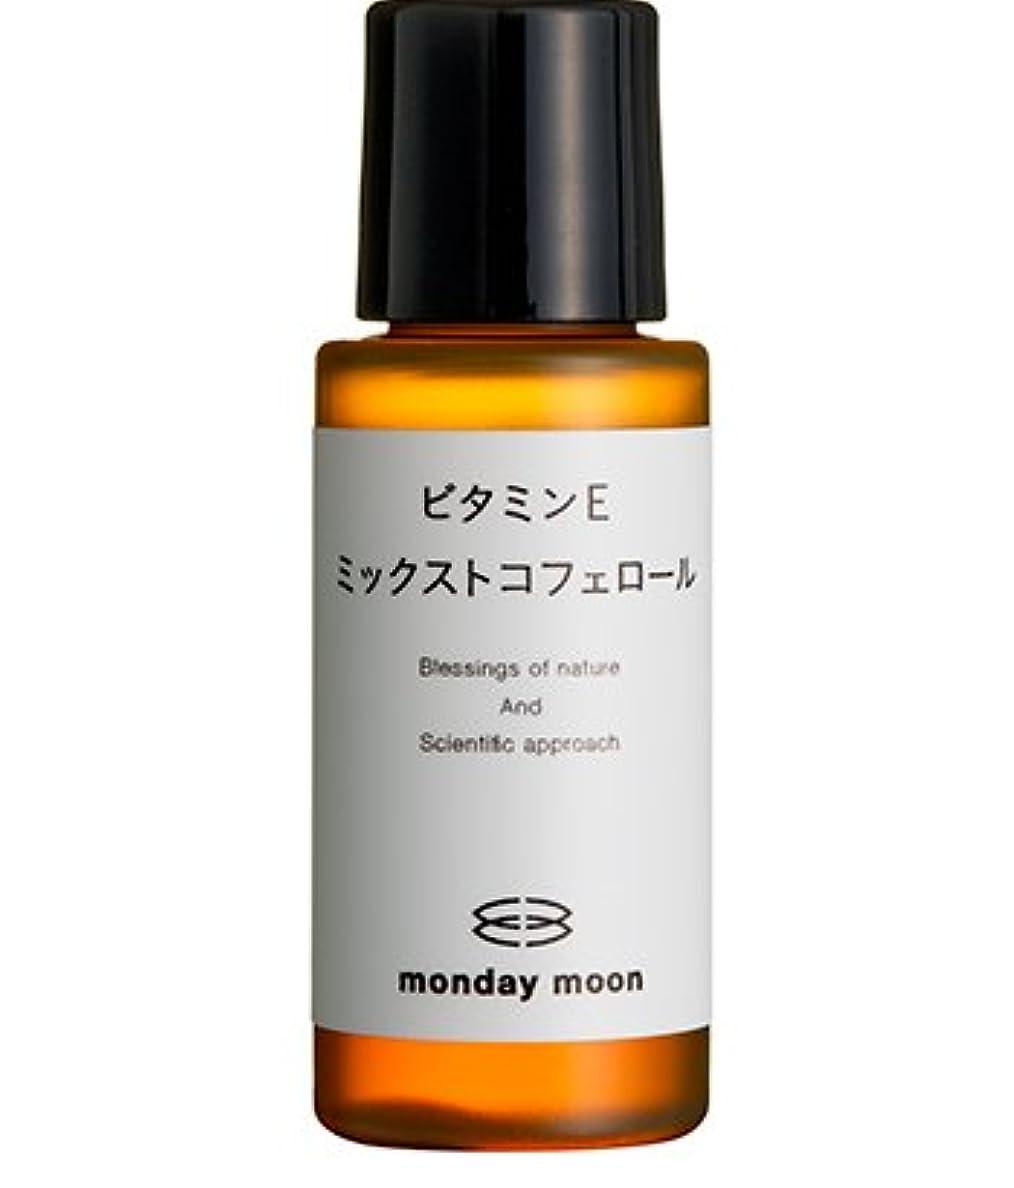 割れ目王子有毒ビタミンEミックストコフェロール/10ml